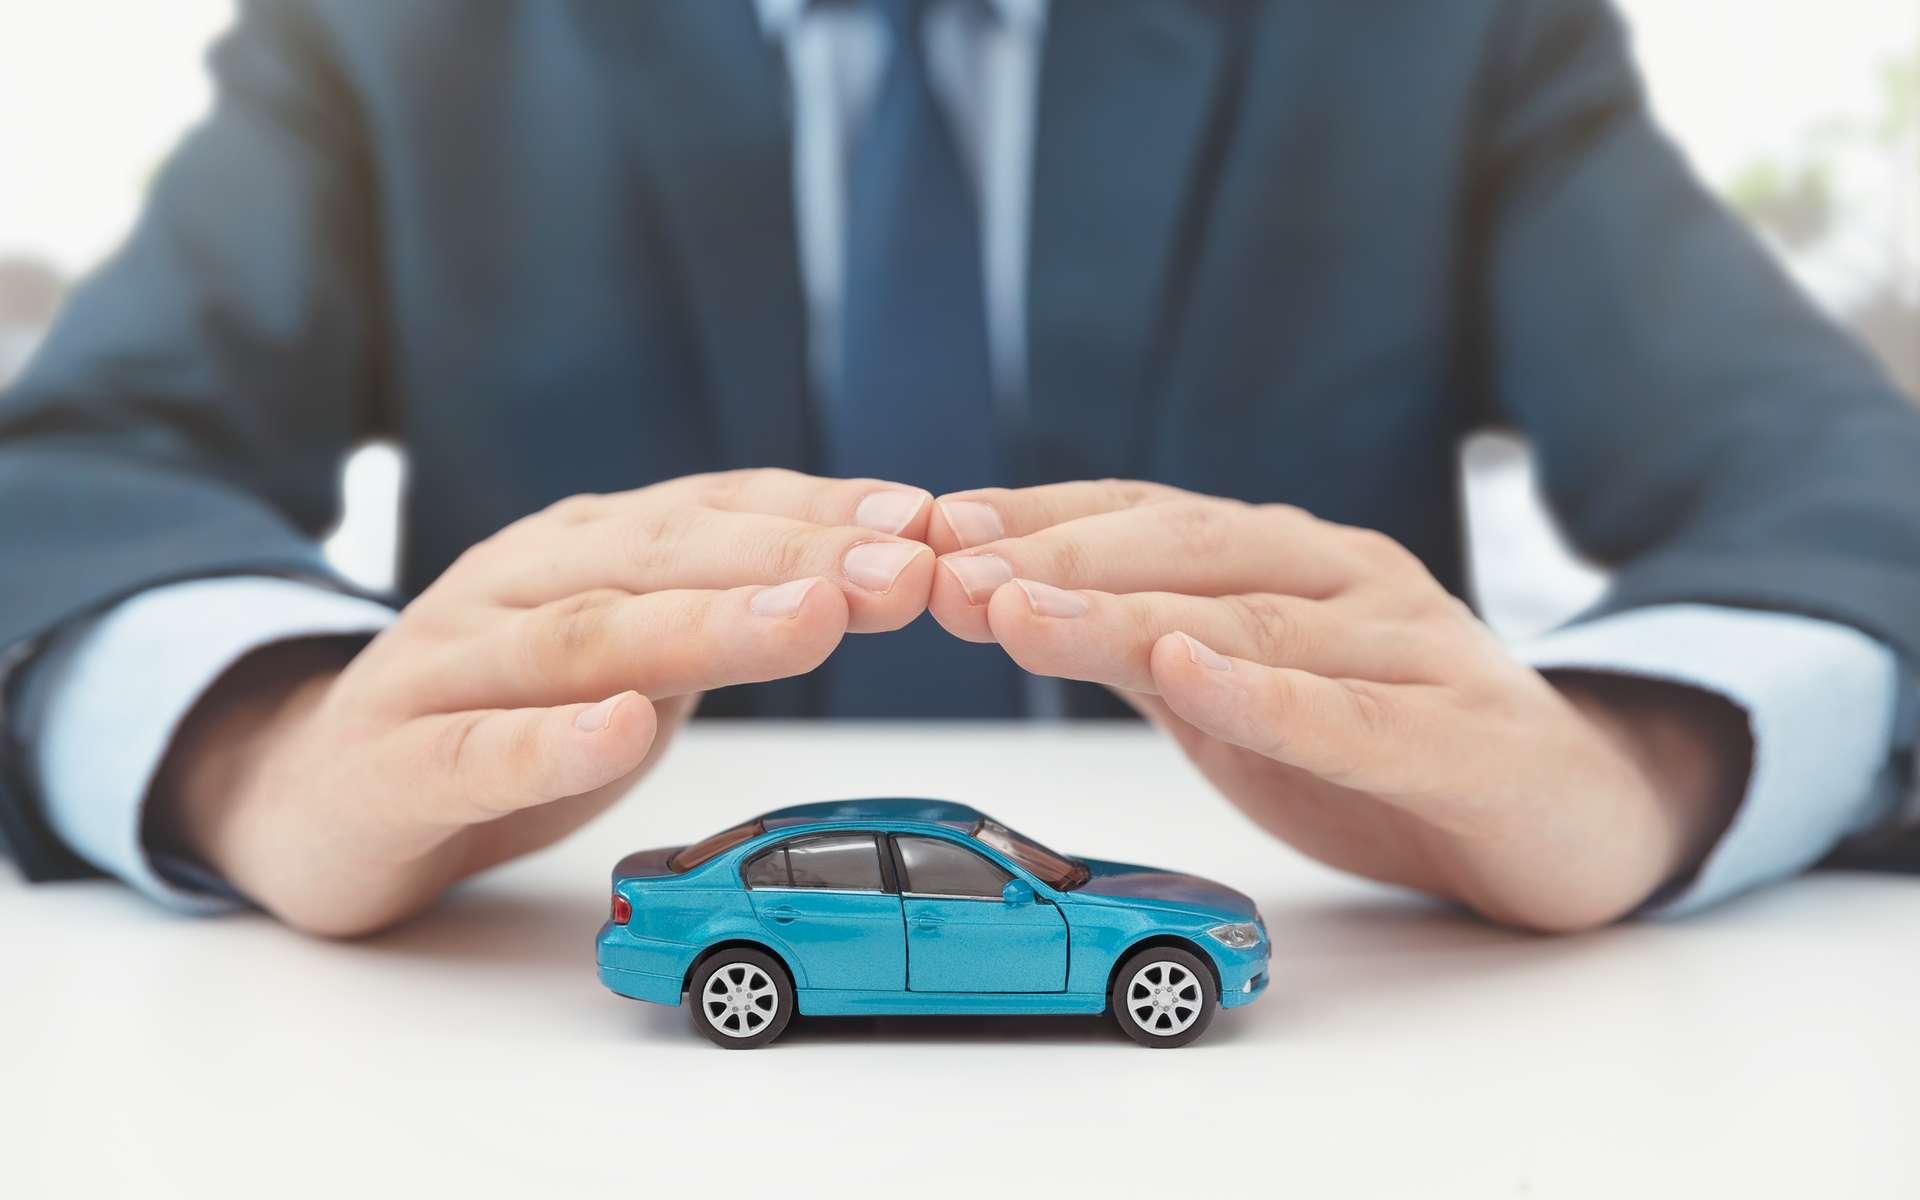 Il est impératif d'assurer son véhicule. © Proxima Studio, Adobe Stock